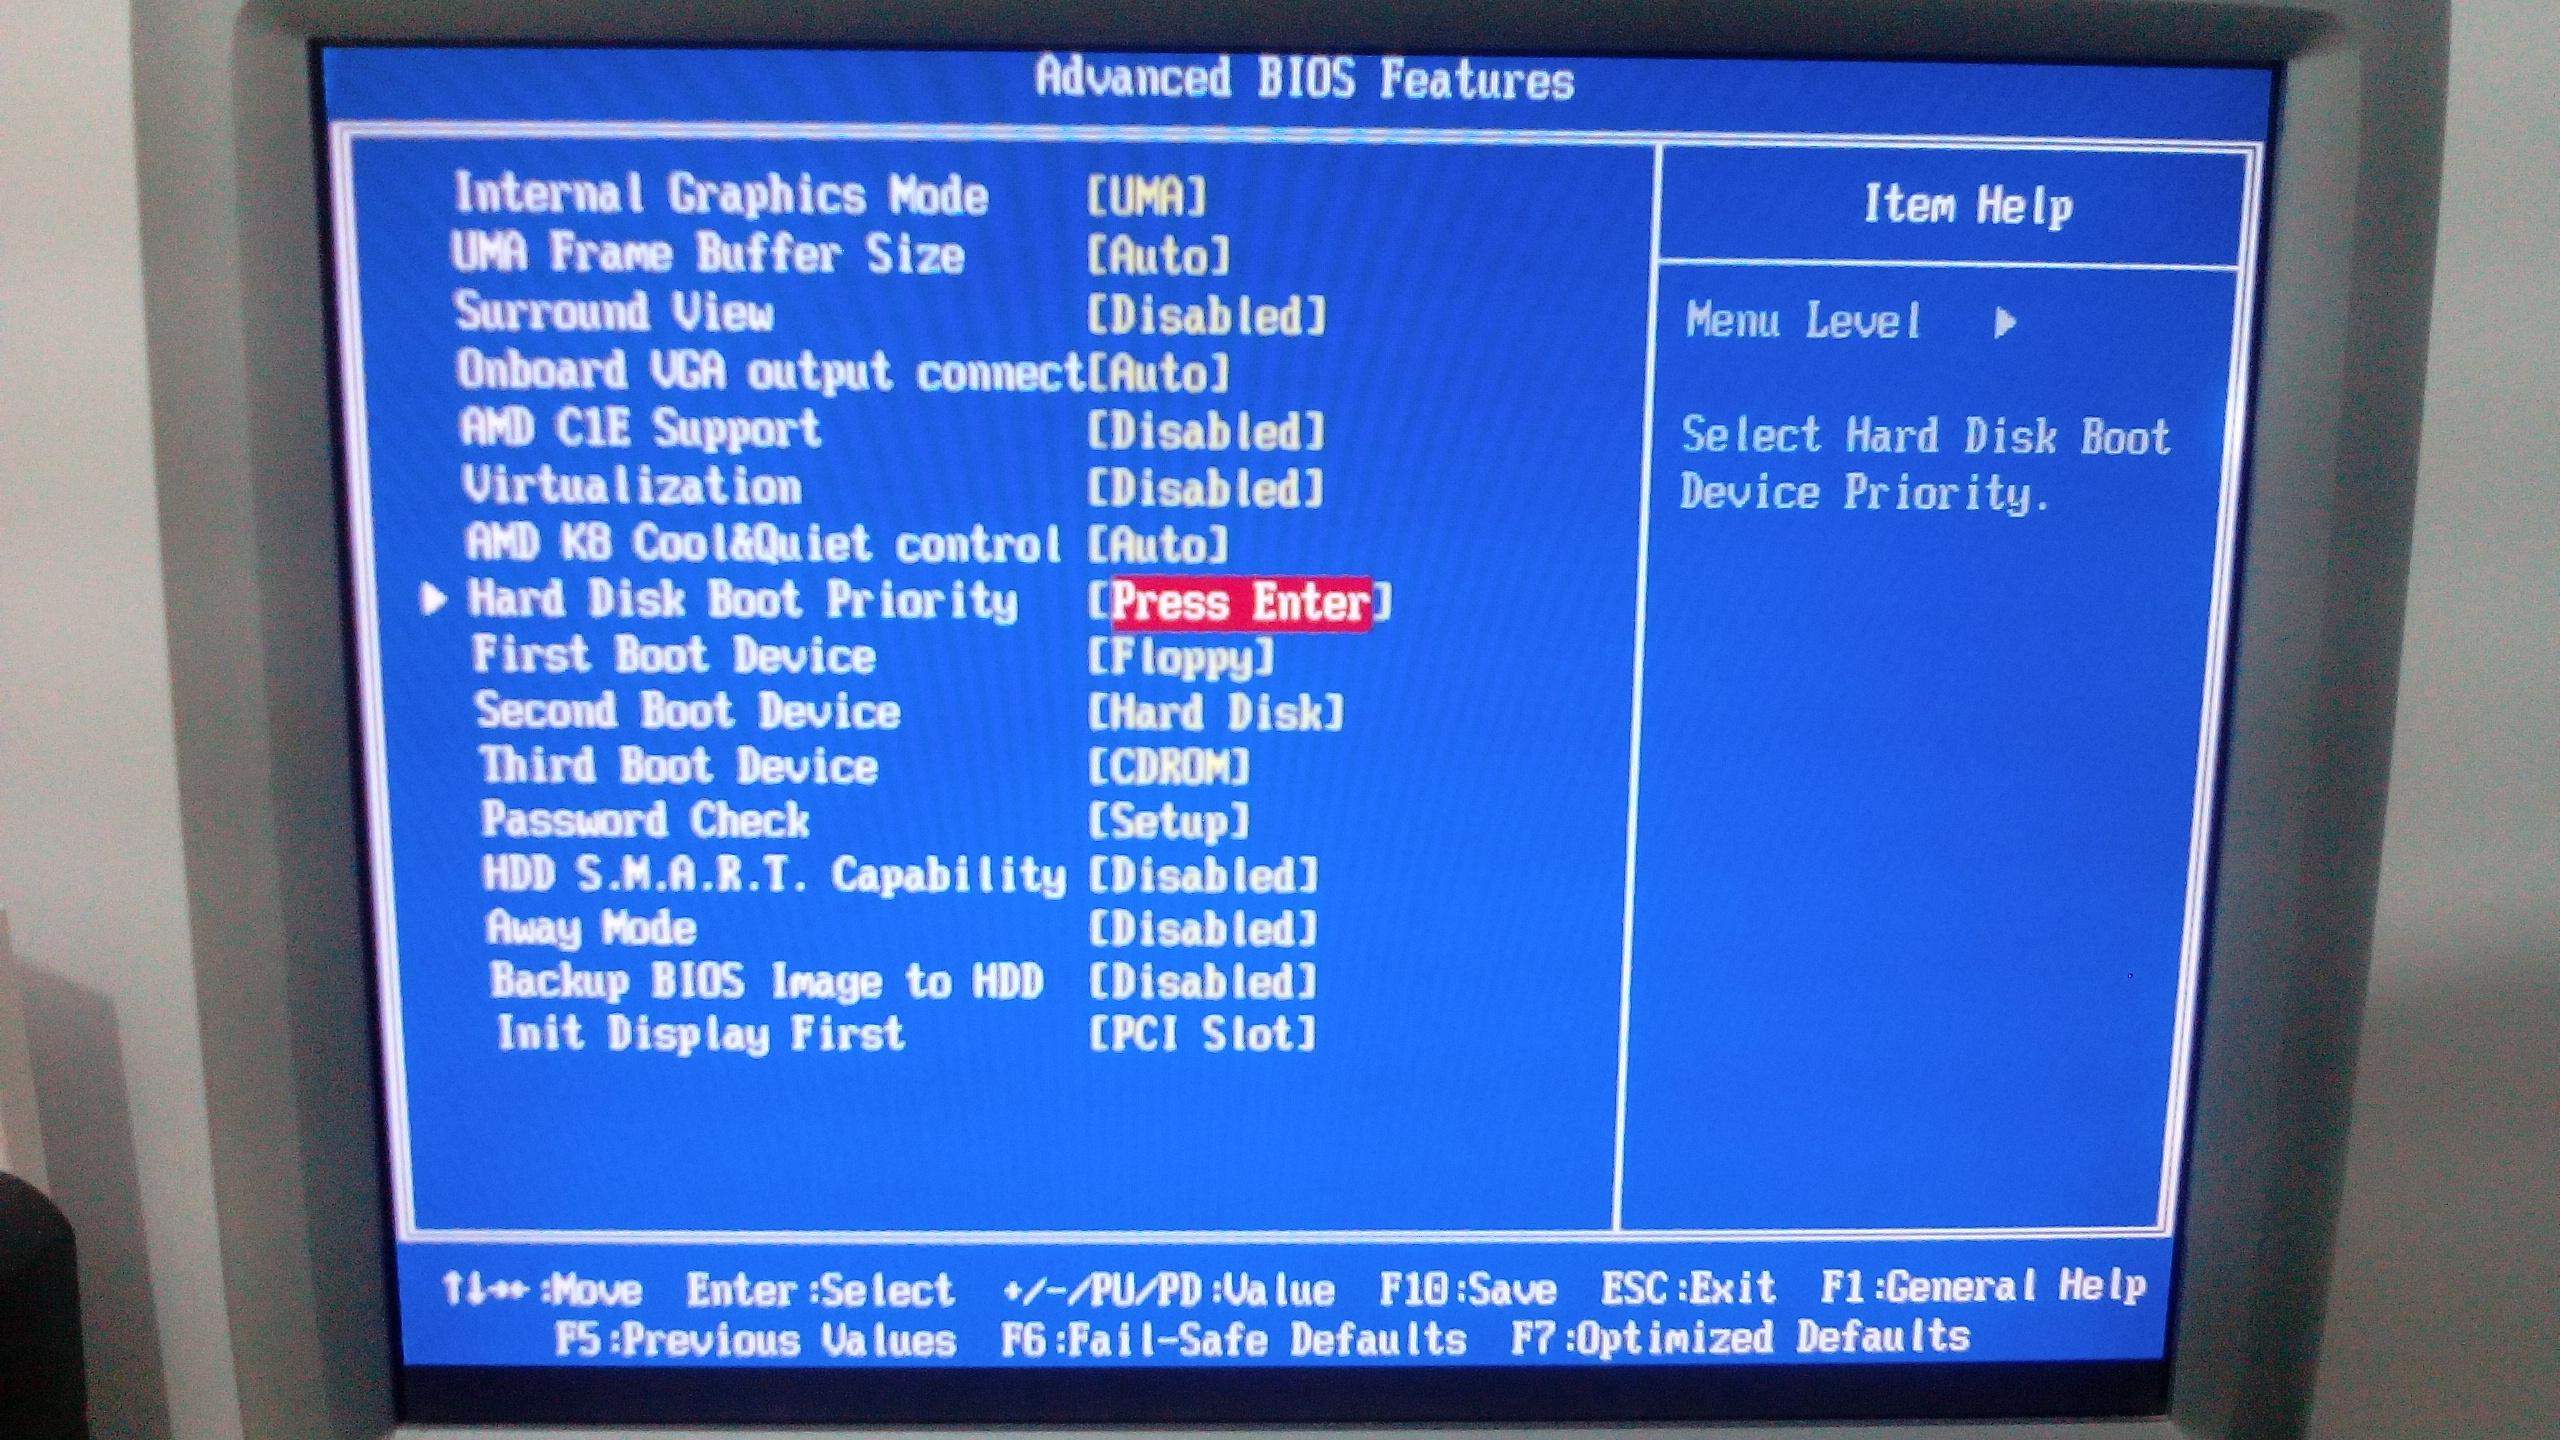 hard-disk-priority